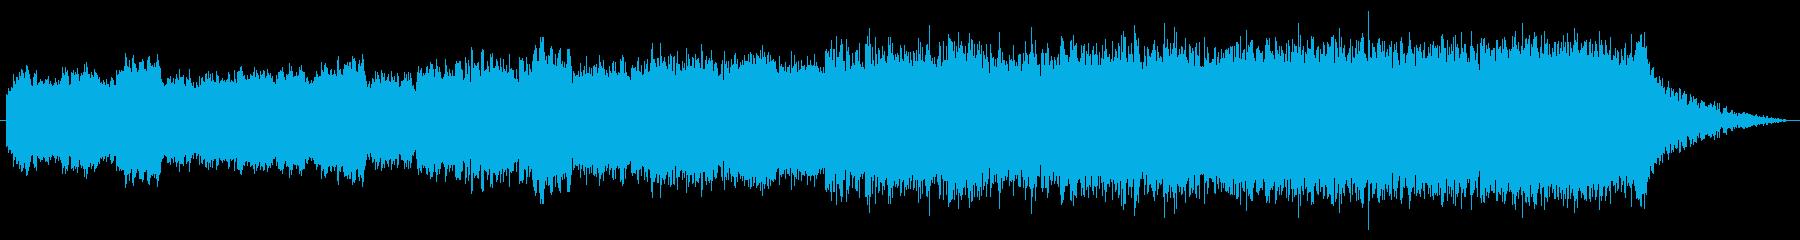 企業VPや映像95、オーケストラ、壮大bの再生済みの波形